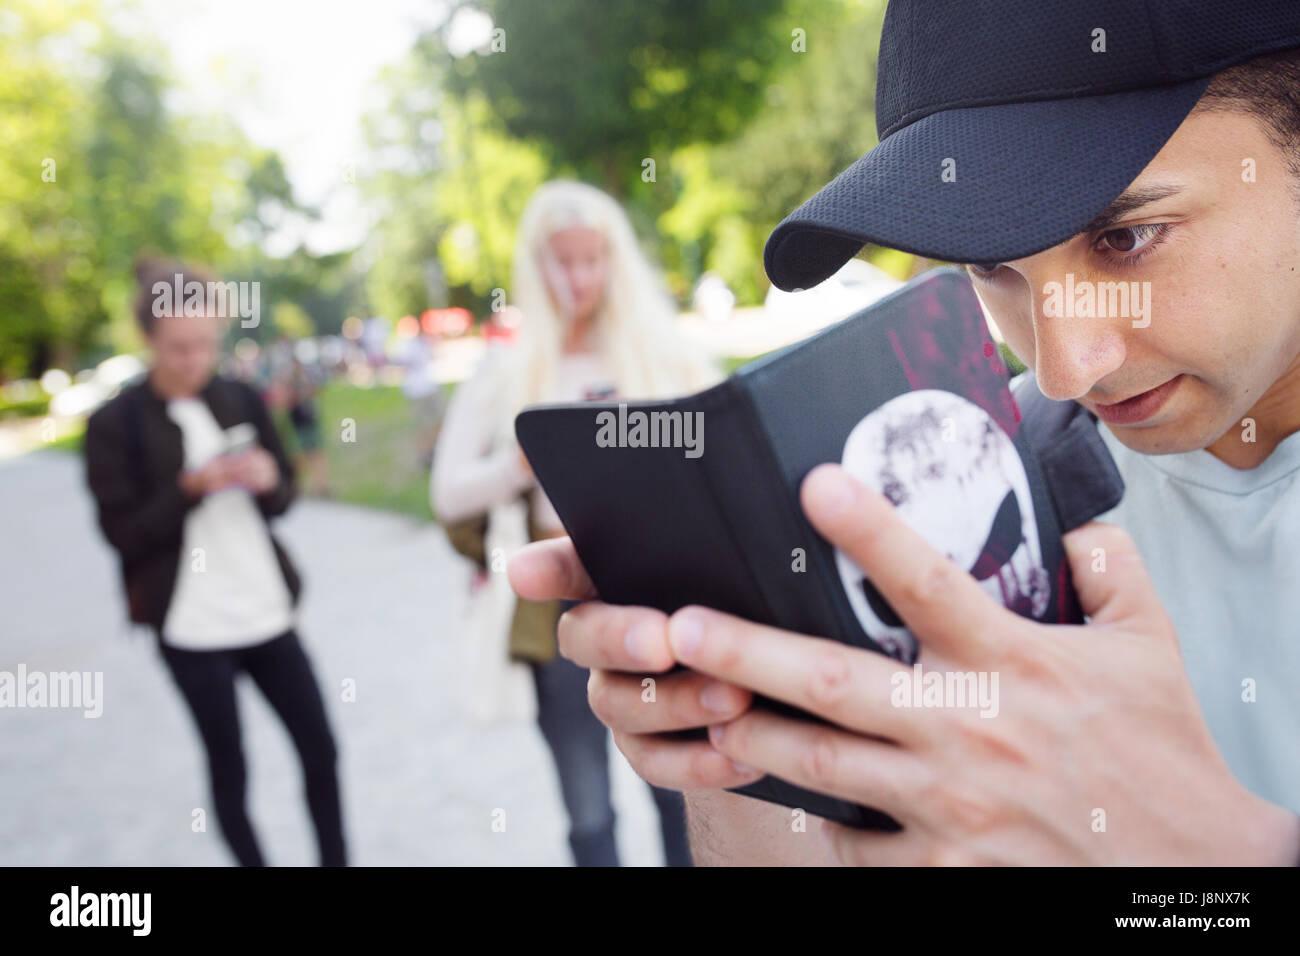 Grupo de amigos jugando juego de realidad aumentada con teléfonos móviles Foto de stock